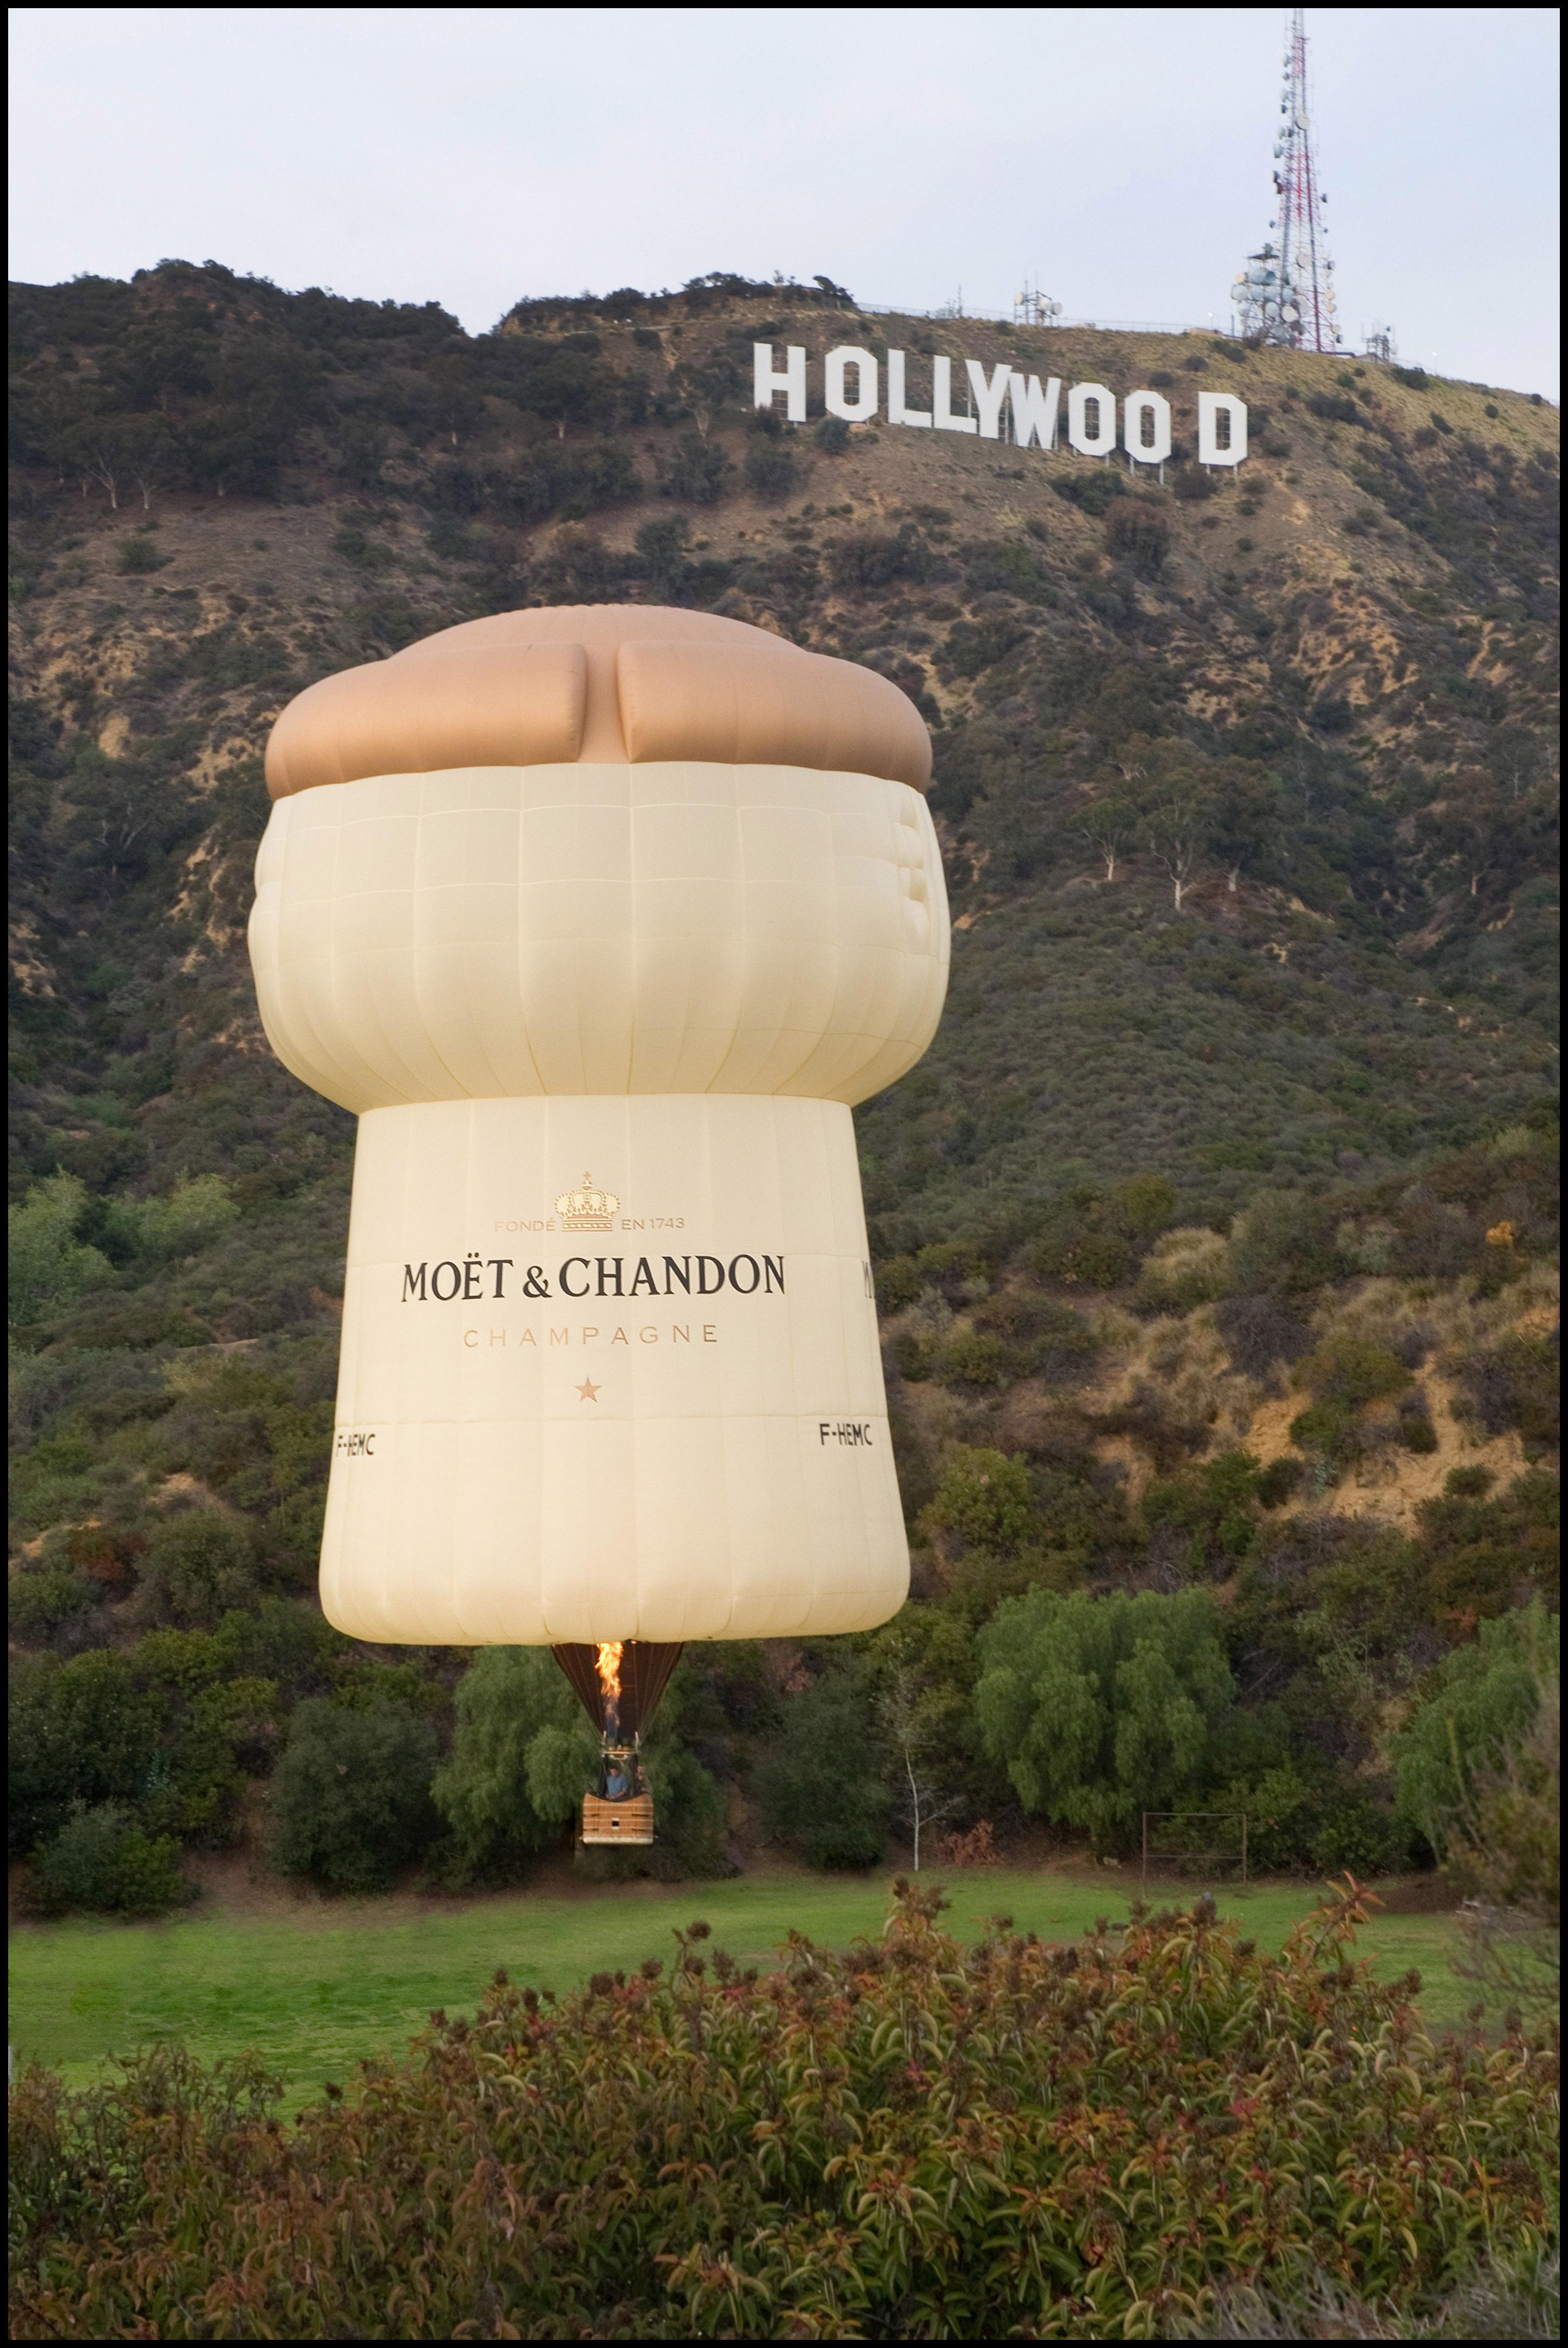 Balloon at Hollywood Sign hi res